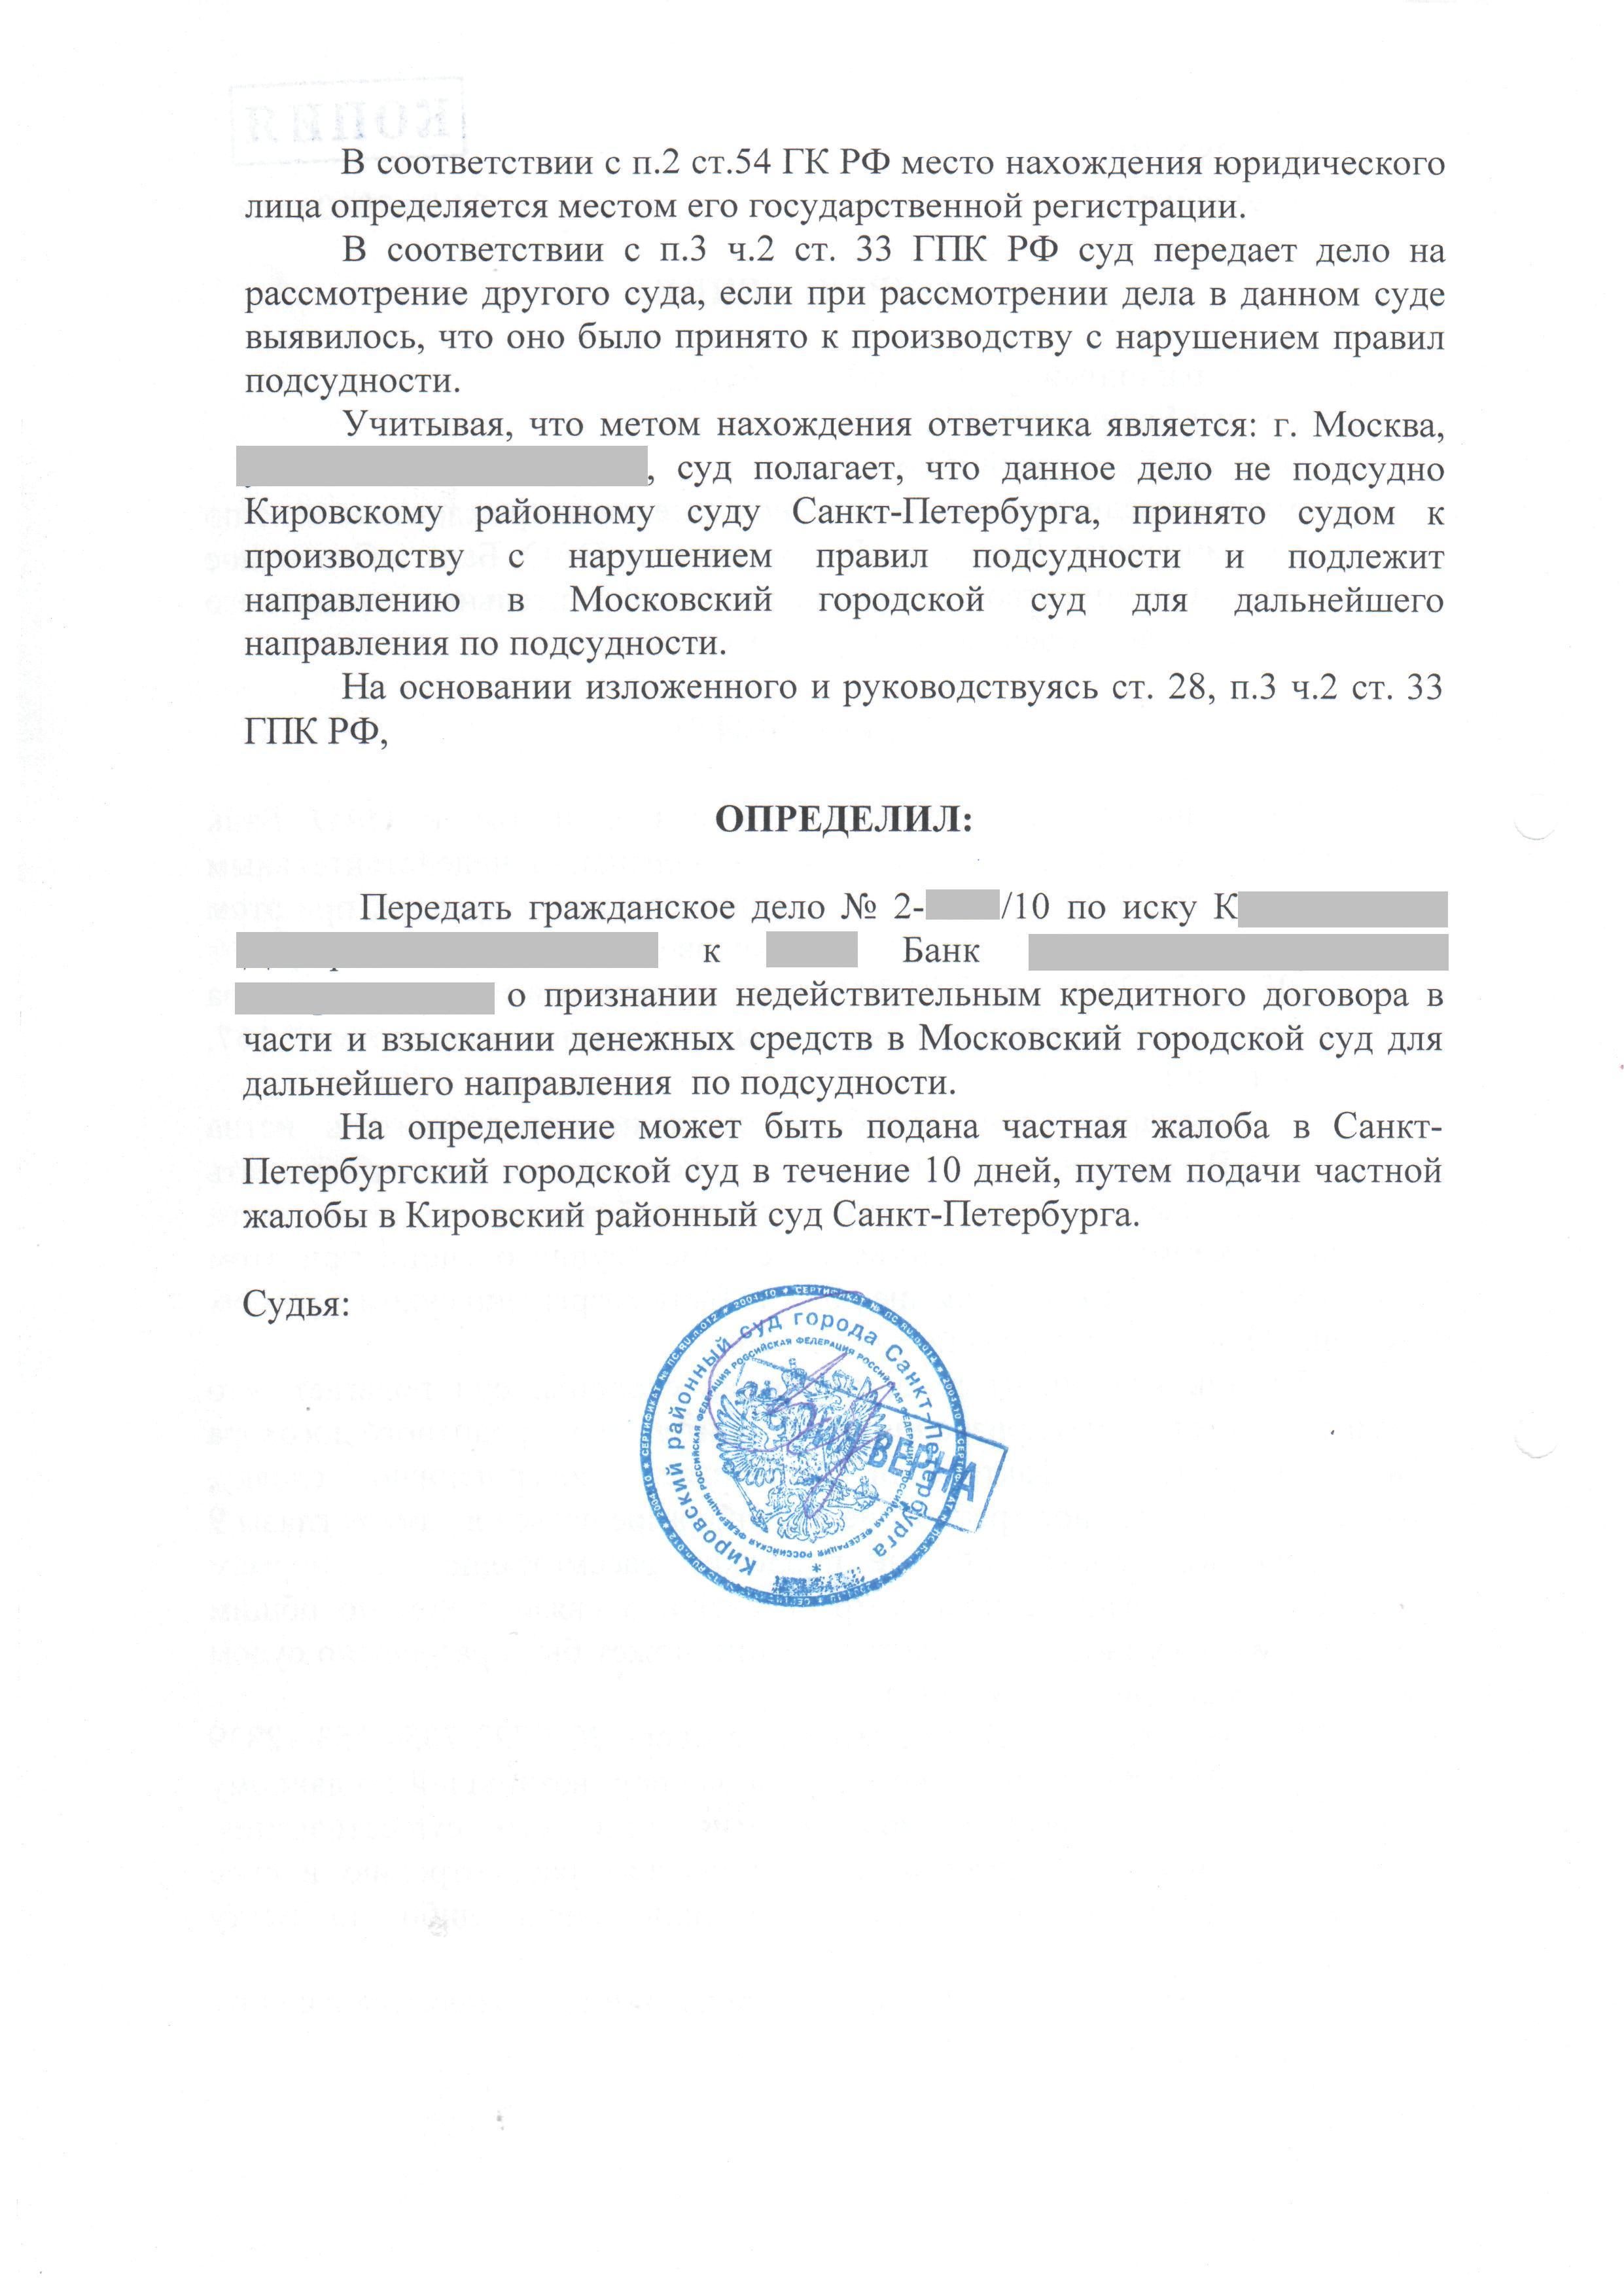 заявление о приобщении документов в арбитражном суде